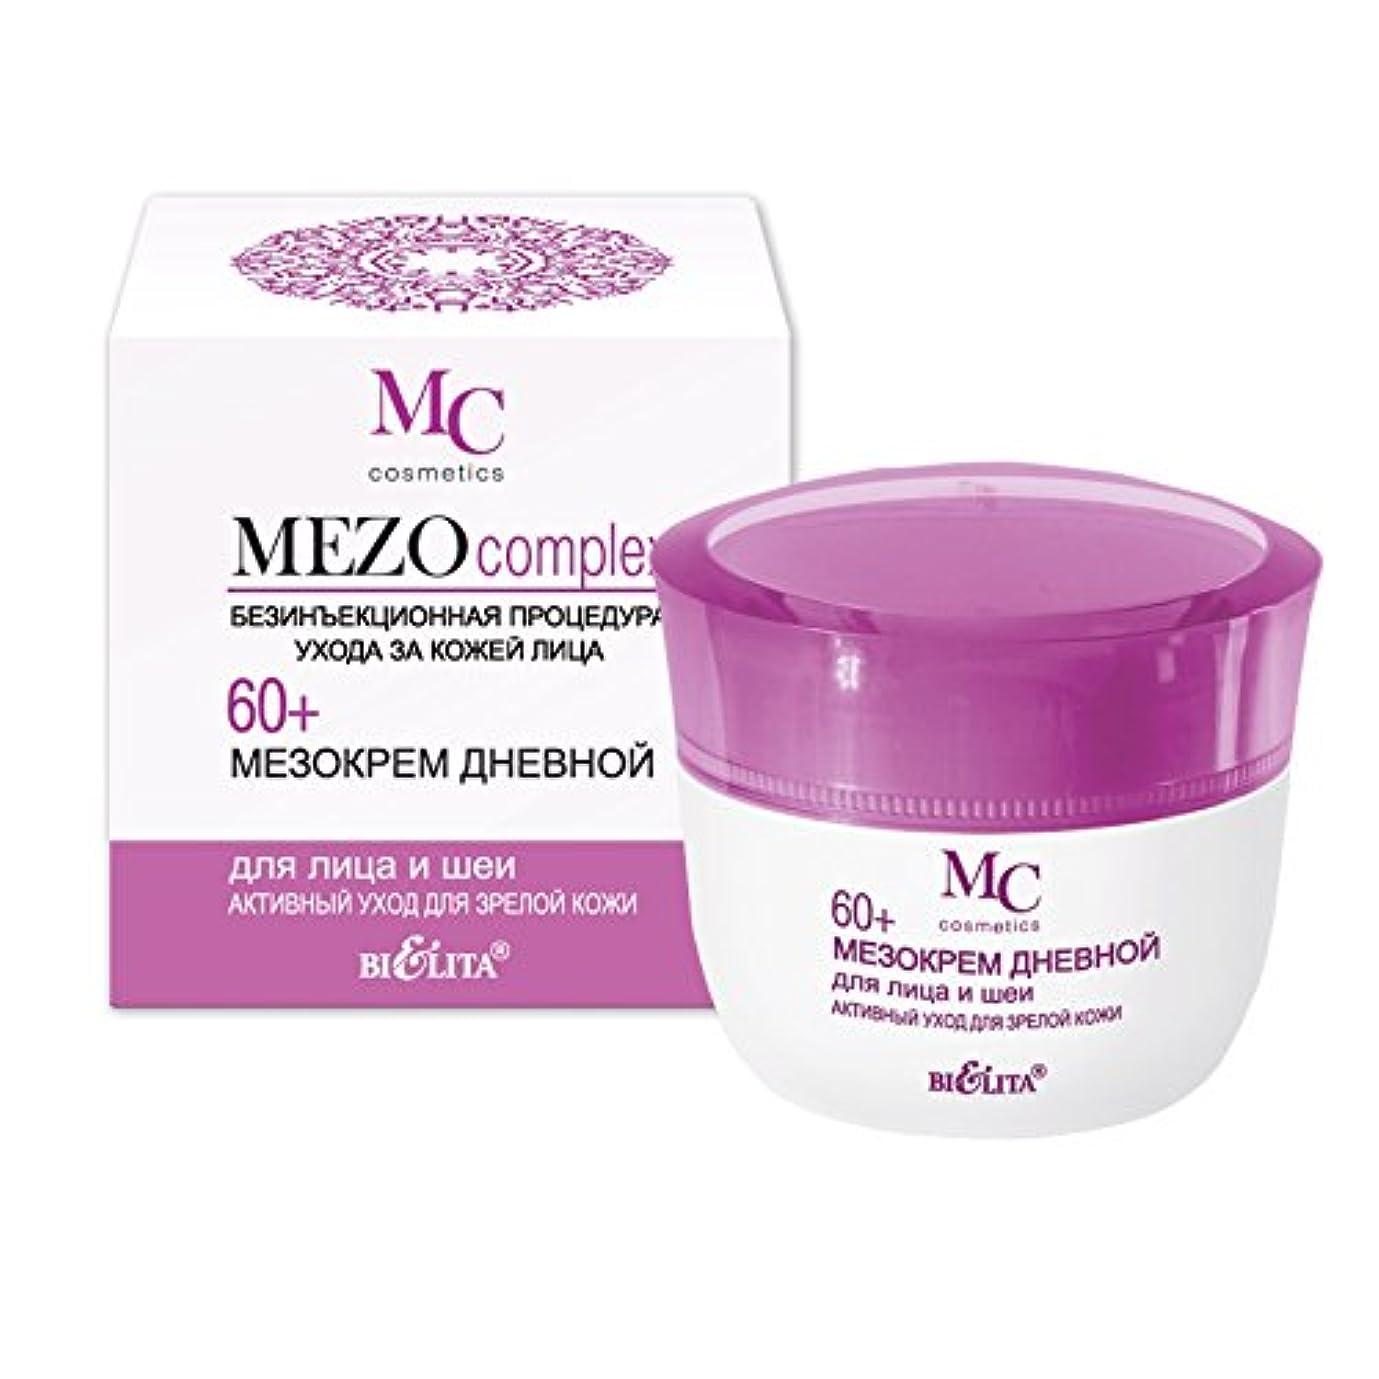 息苦しい宙返り欲しいですSaturated Day Cream (MEZO) is specially designed for the care of mature skin of the face | Hyaluronic acid, Vitamin...